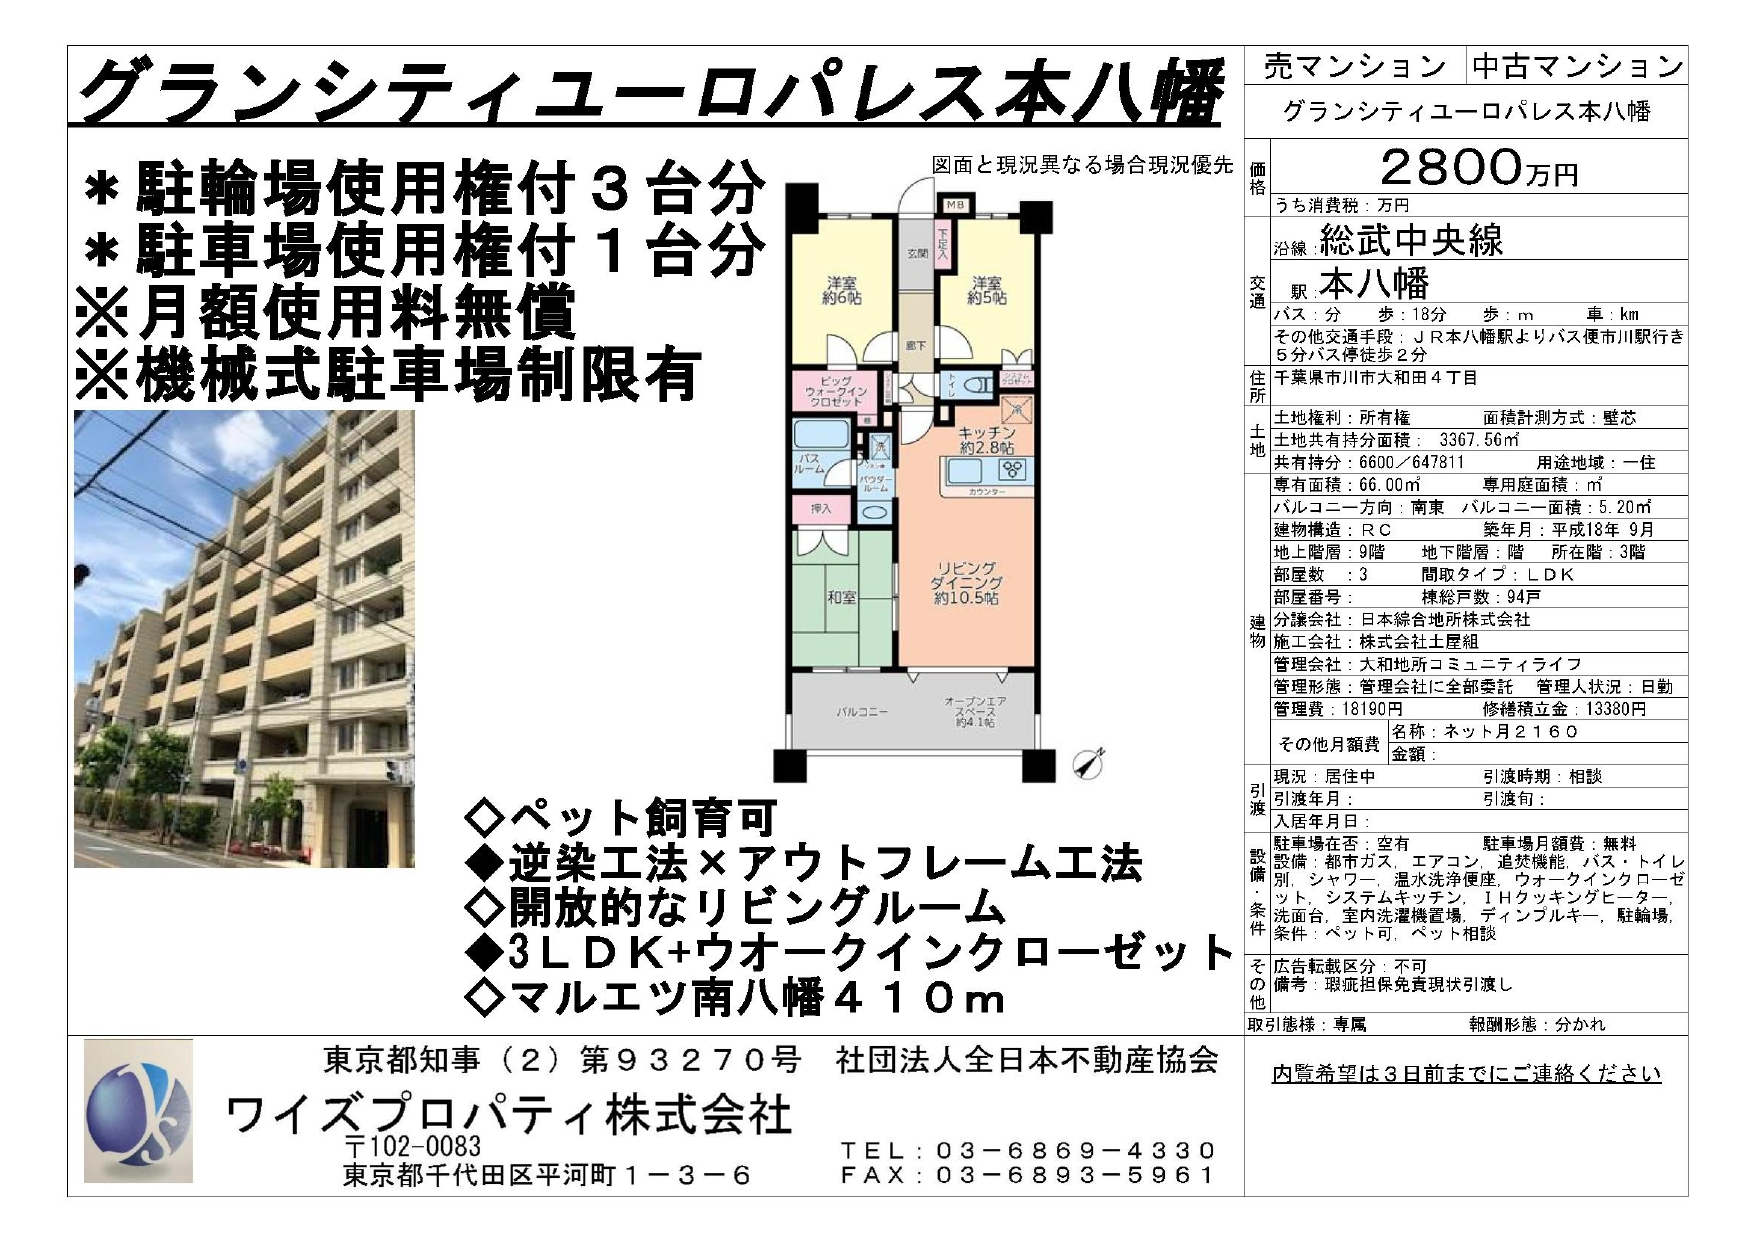 グランシティユーロパレス本八幡販売図面_page-0001